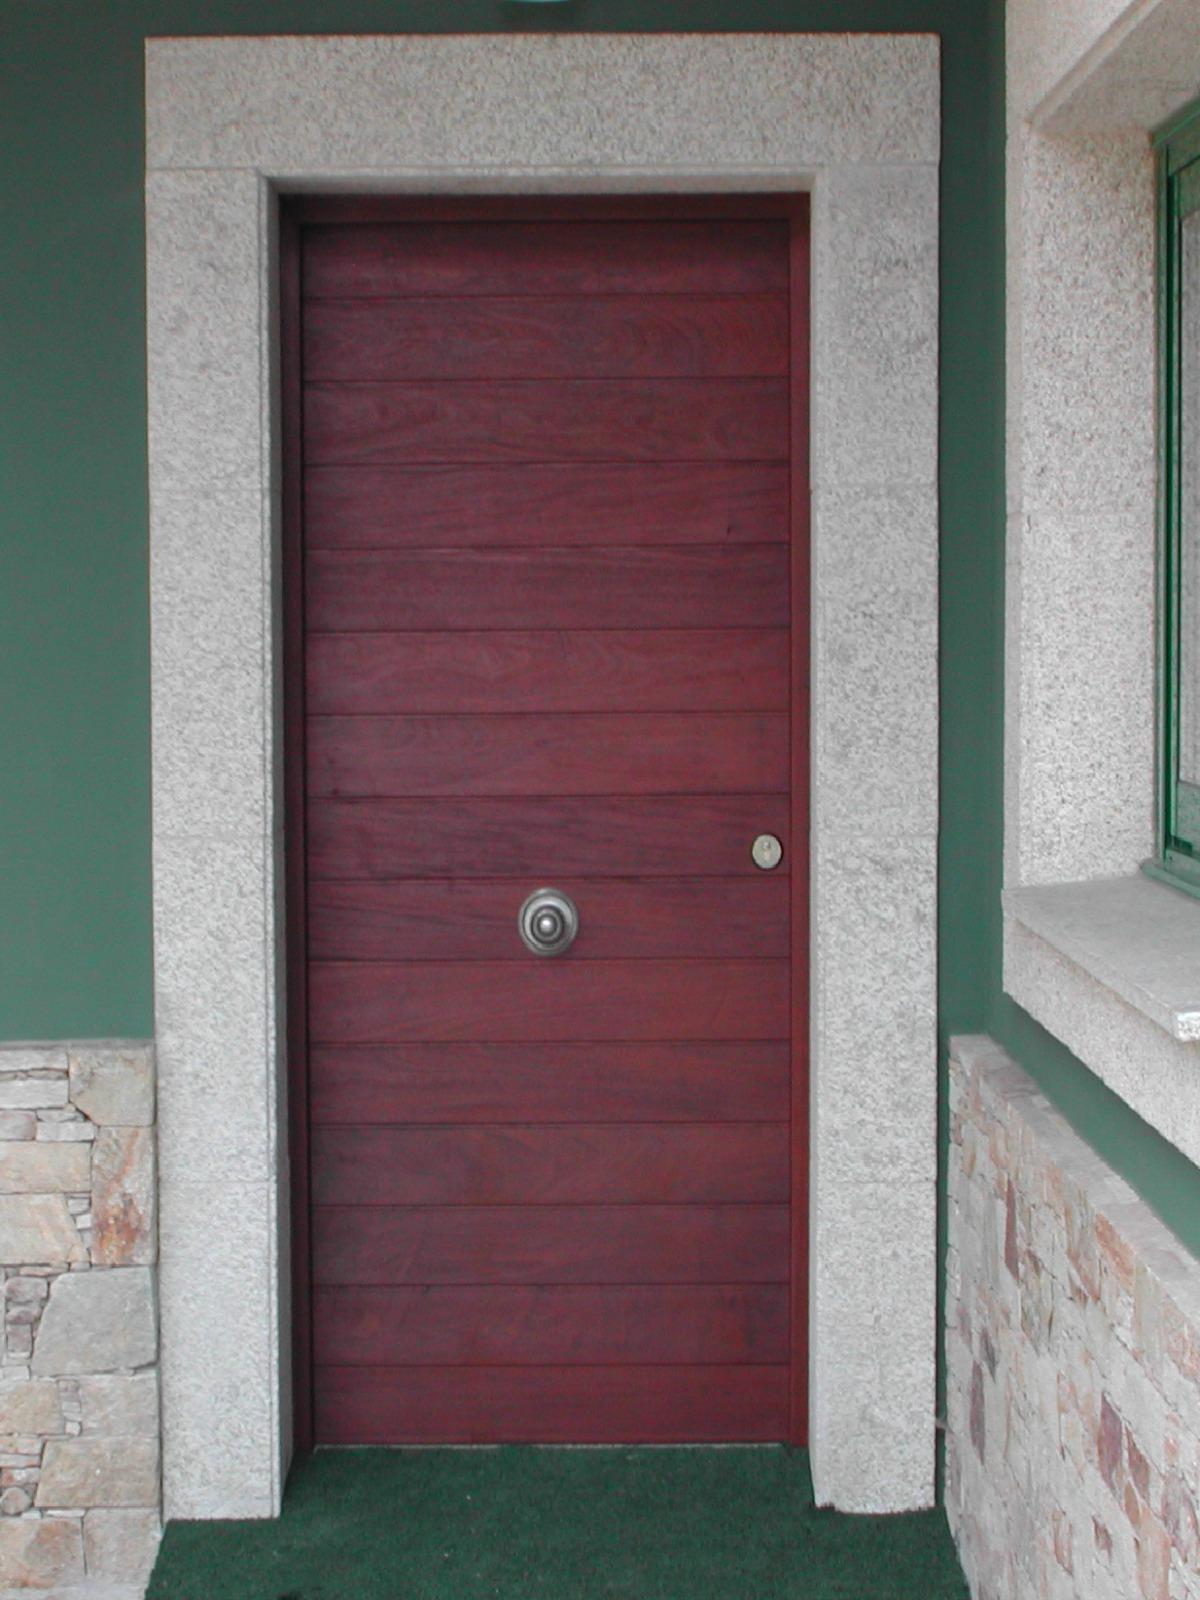 Sofas Coruña Nkde Puertas De Madera Entrada Principal Con Puertas De Entrada En Coru A